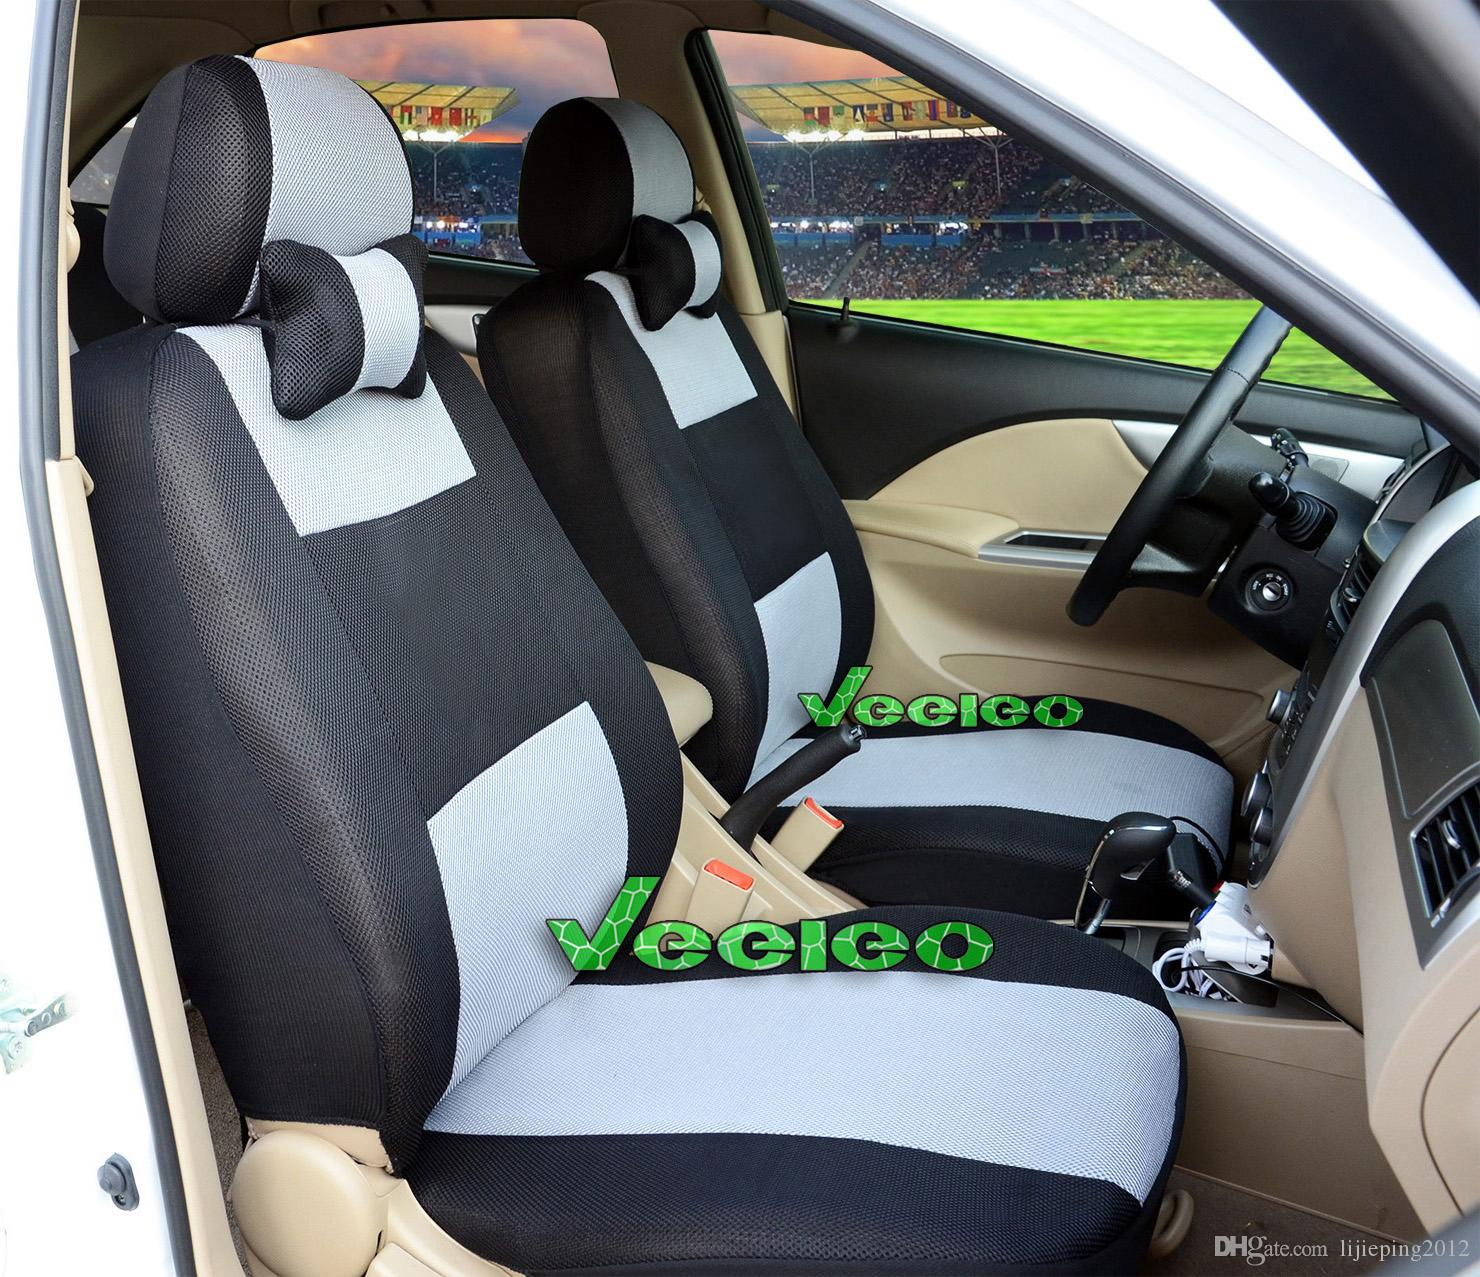 Satin Al Evrensel Koltuk Kilifi Icin Subaru Forester Outback Xv Brat Vivio Ecvt Nefes Malzemesi Tarafindan Hava Yastigi Uyumlu Logo Toptan Ucretsiz Kargo Tl473 18 Dhgate Comda